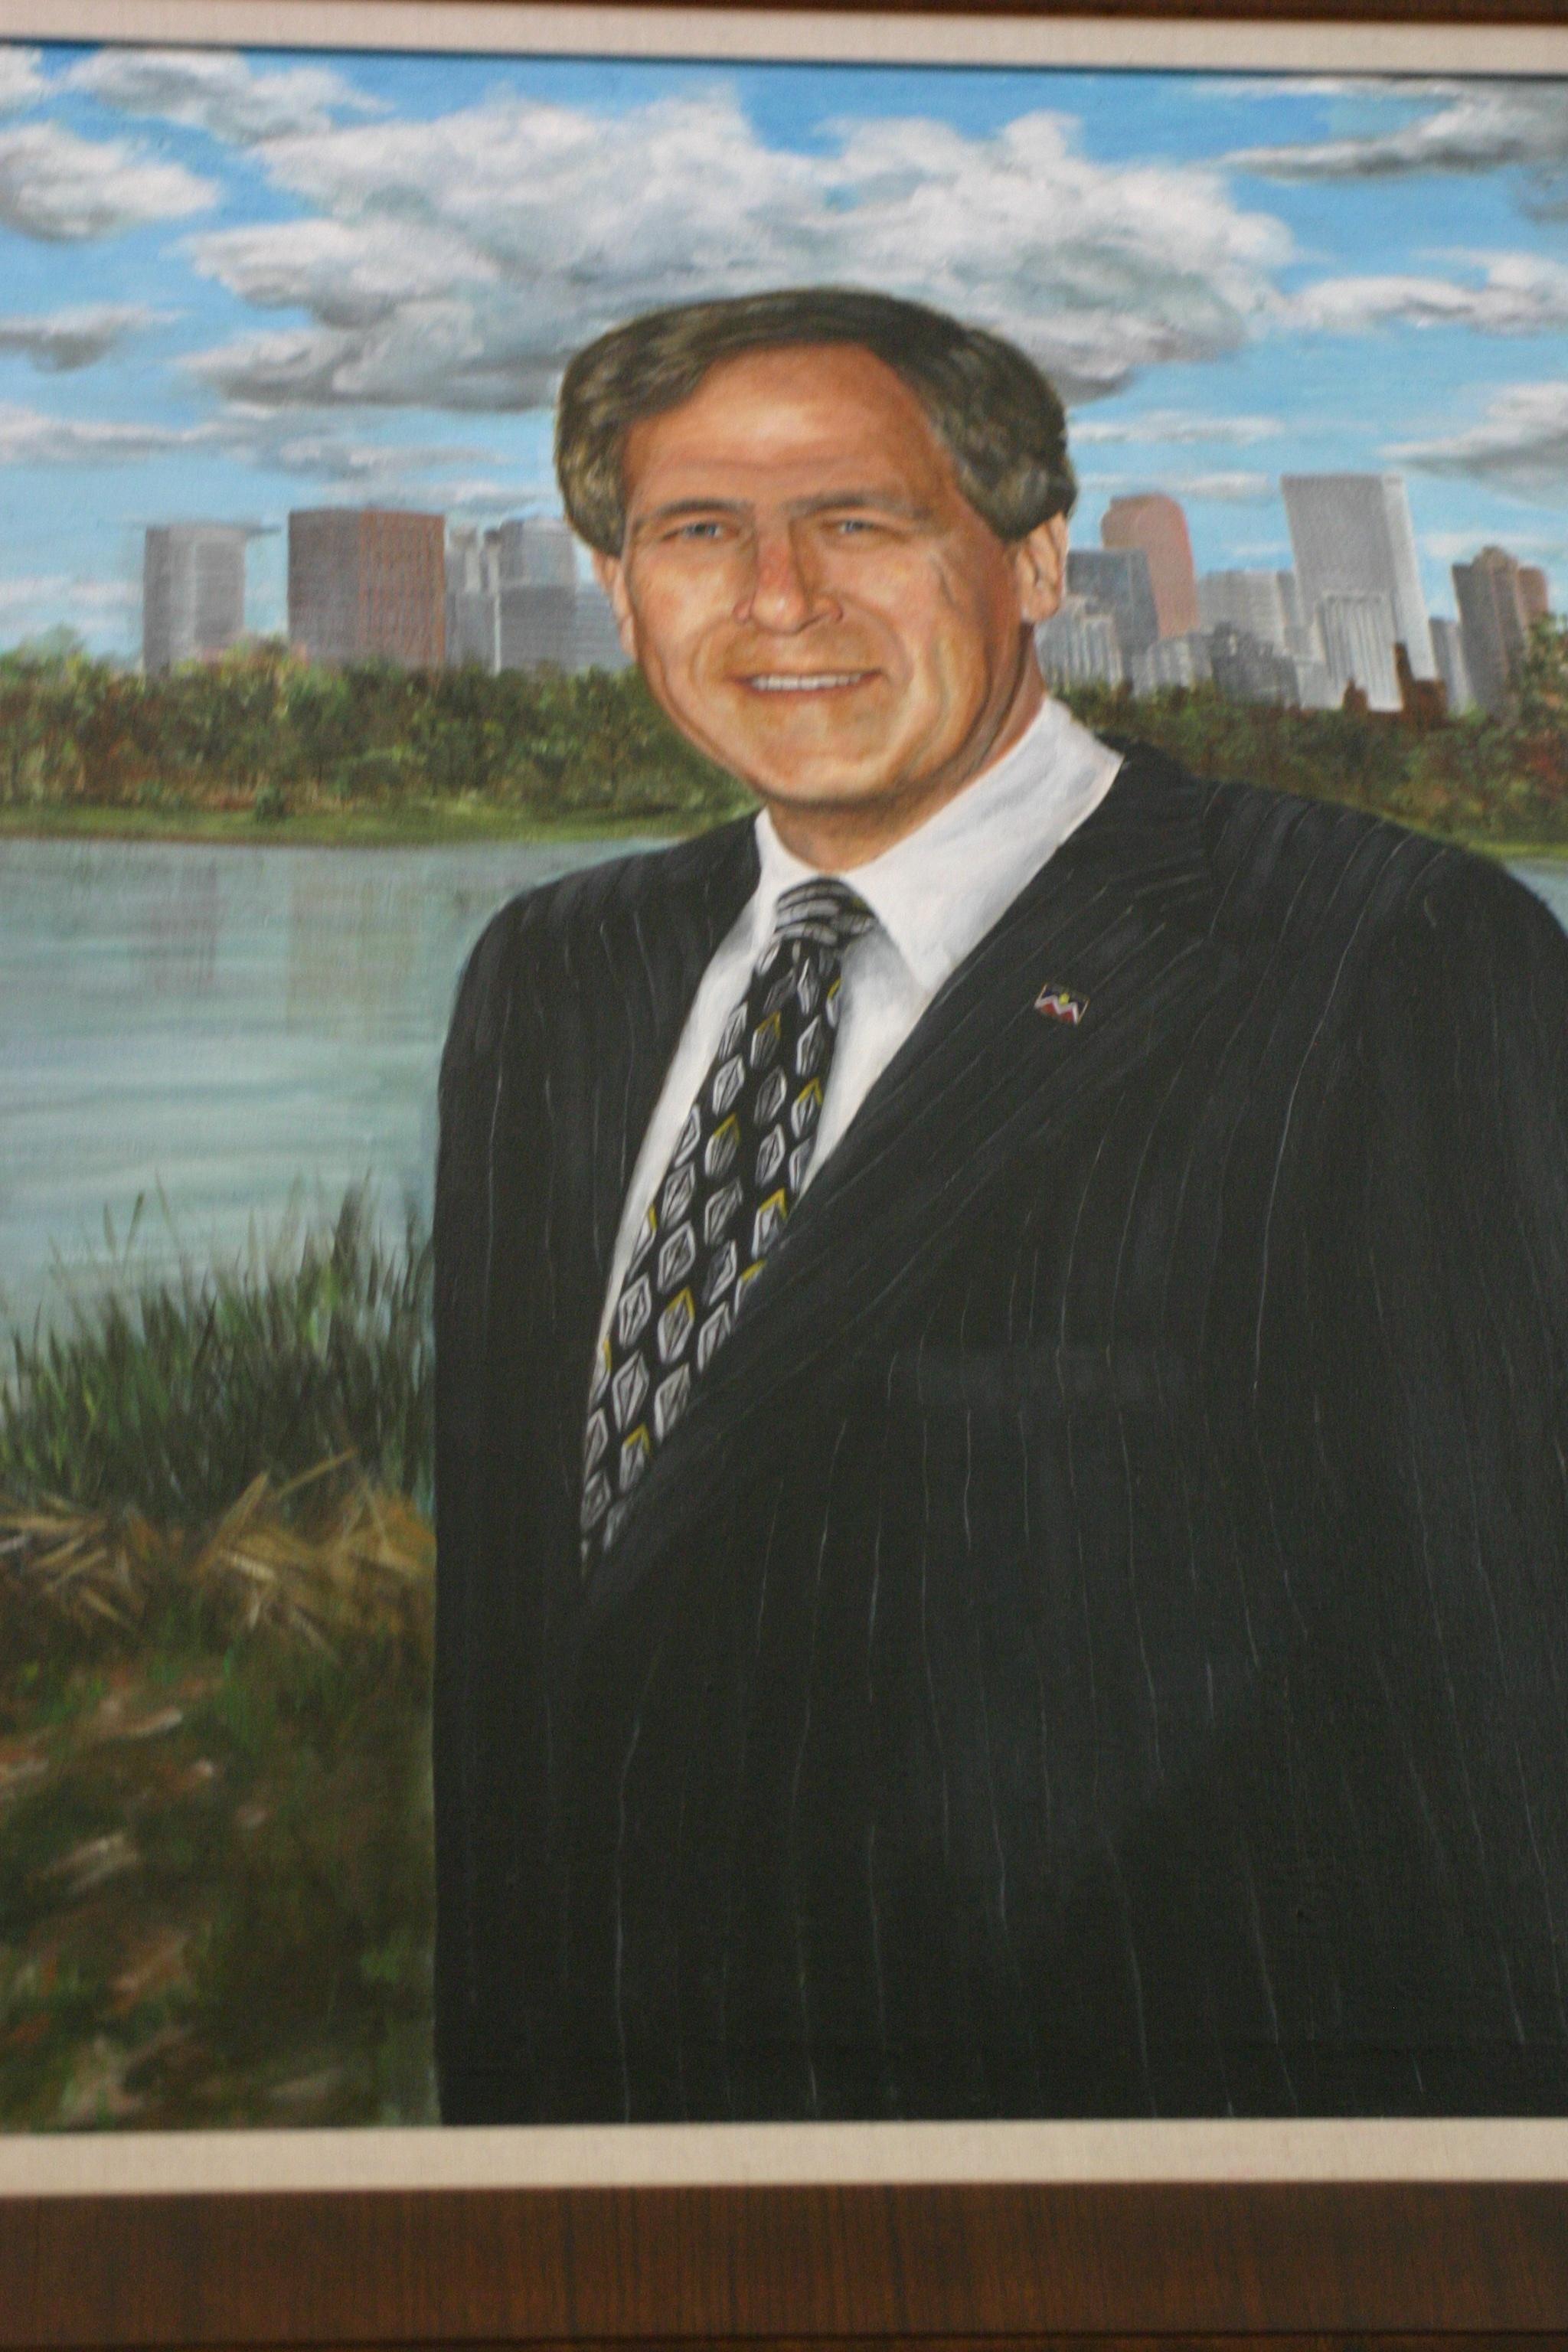 Go to the Portrait of William Scheitler page